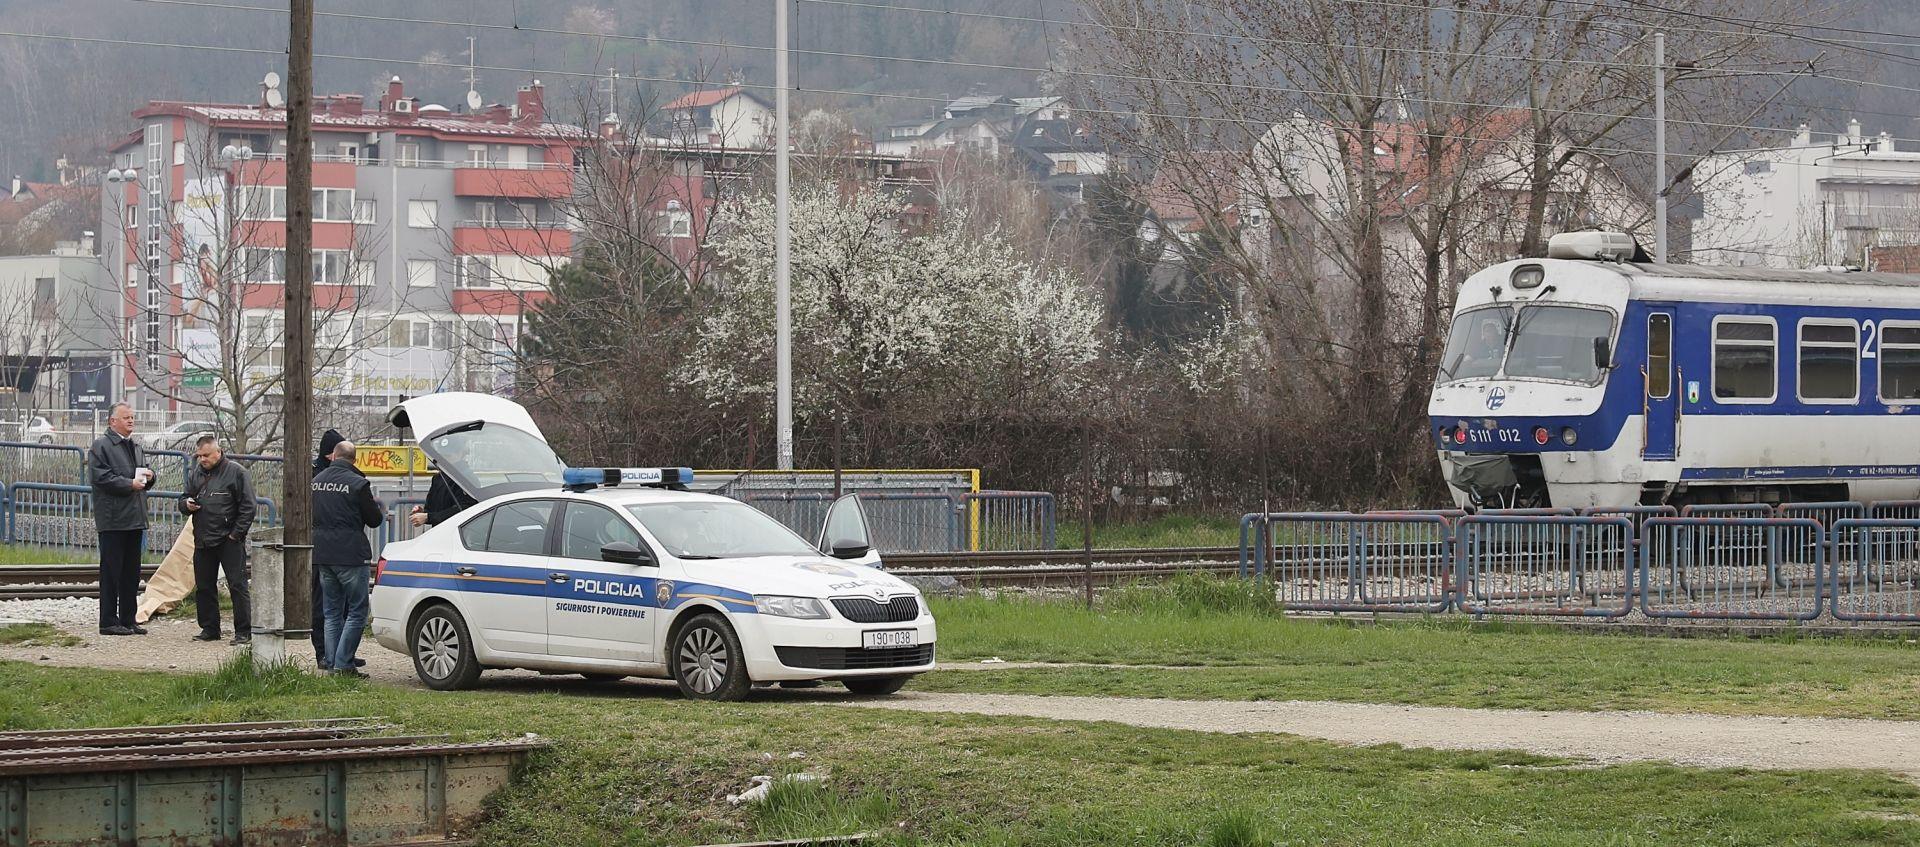 NESREĆA NA ORANICAMA Vlak usmrtio još nepoznatu osobu, policija provodi očevid